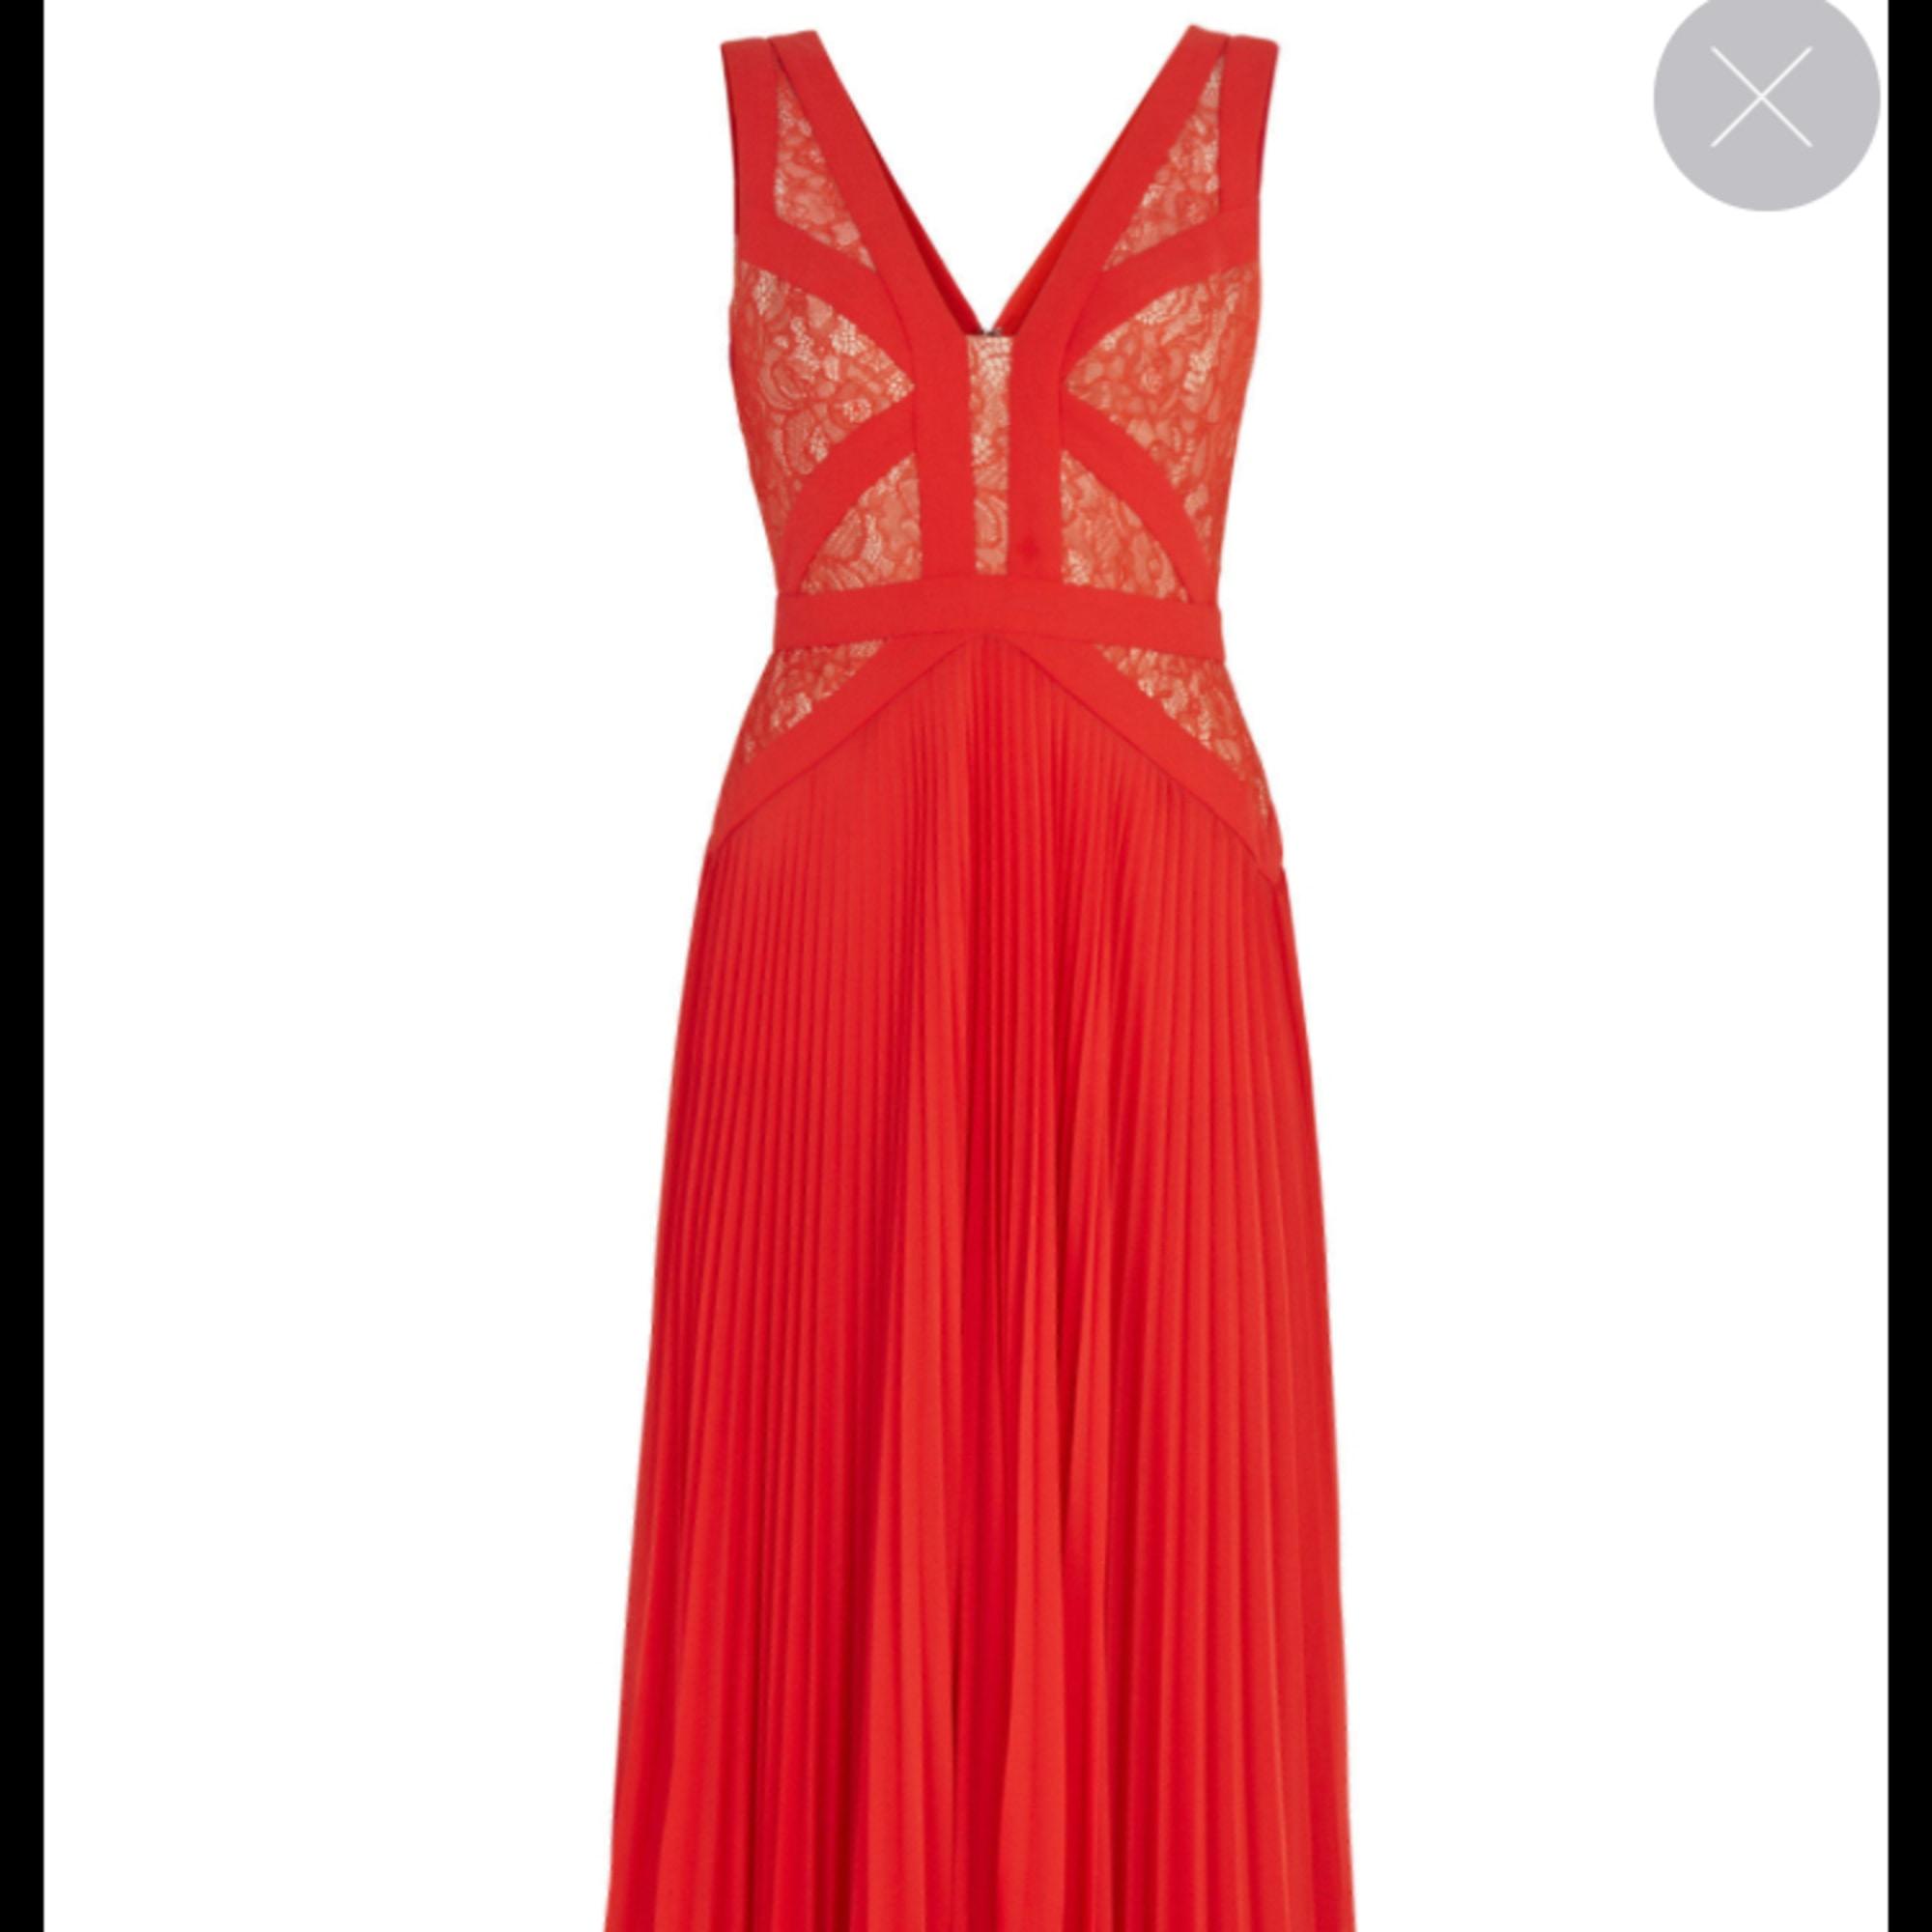 Robe longue BCBG MAX AZRIA 32 (XXS) rouge corail - 5421641 4ad6ac9b8d6d